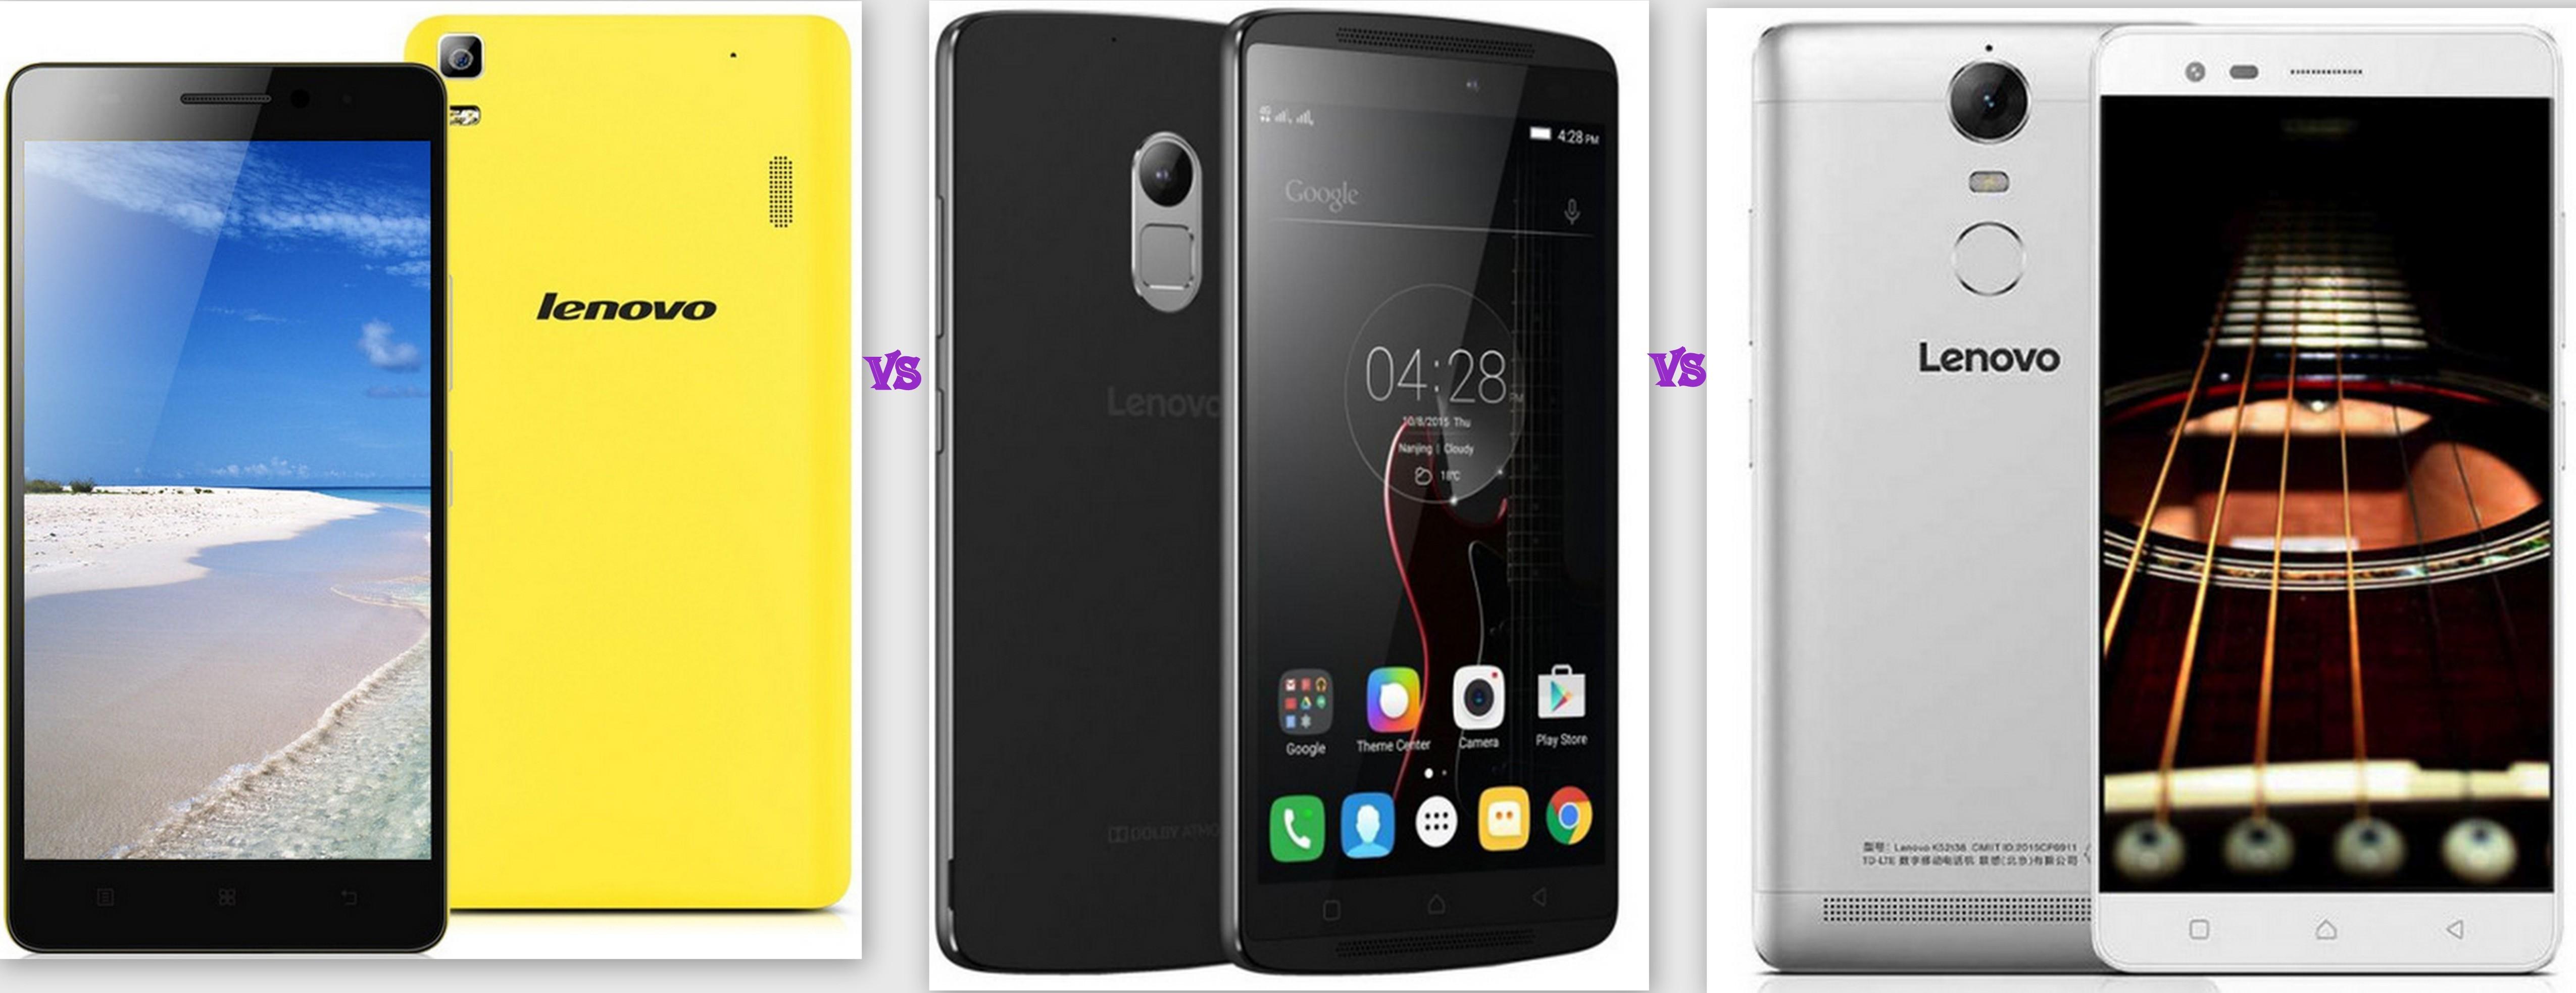 Lenovo K3 Note Vs Lenovo K4 Note Vs Lenovo K5 Note Full